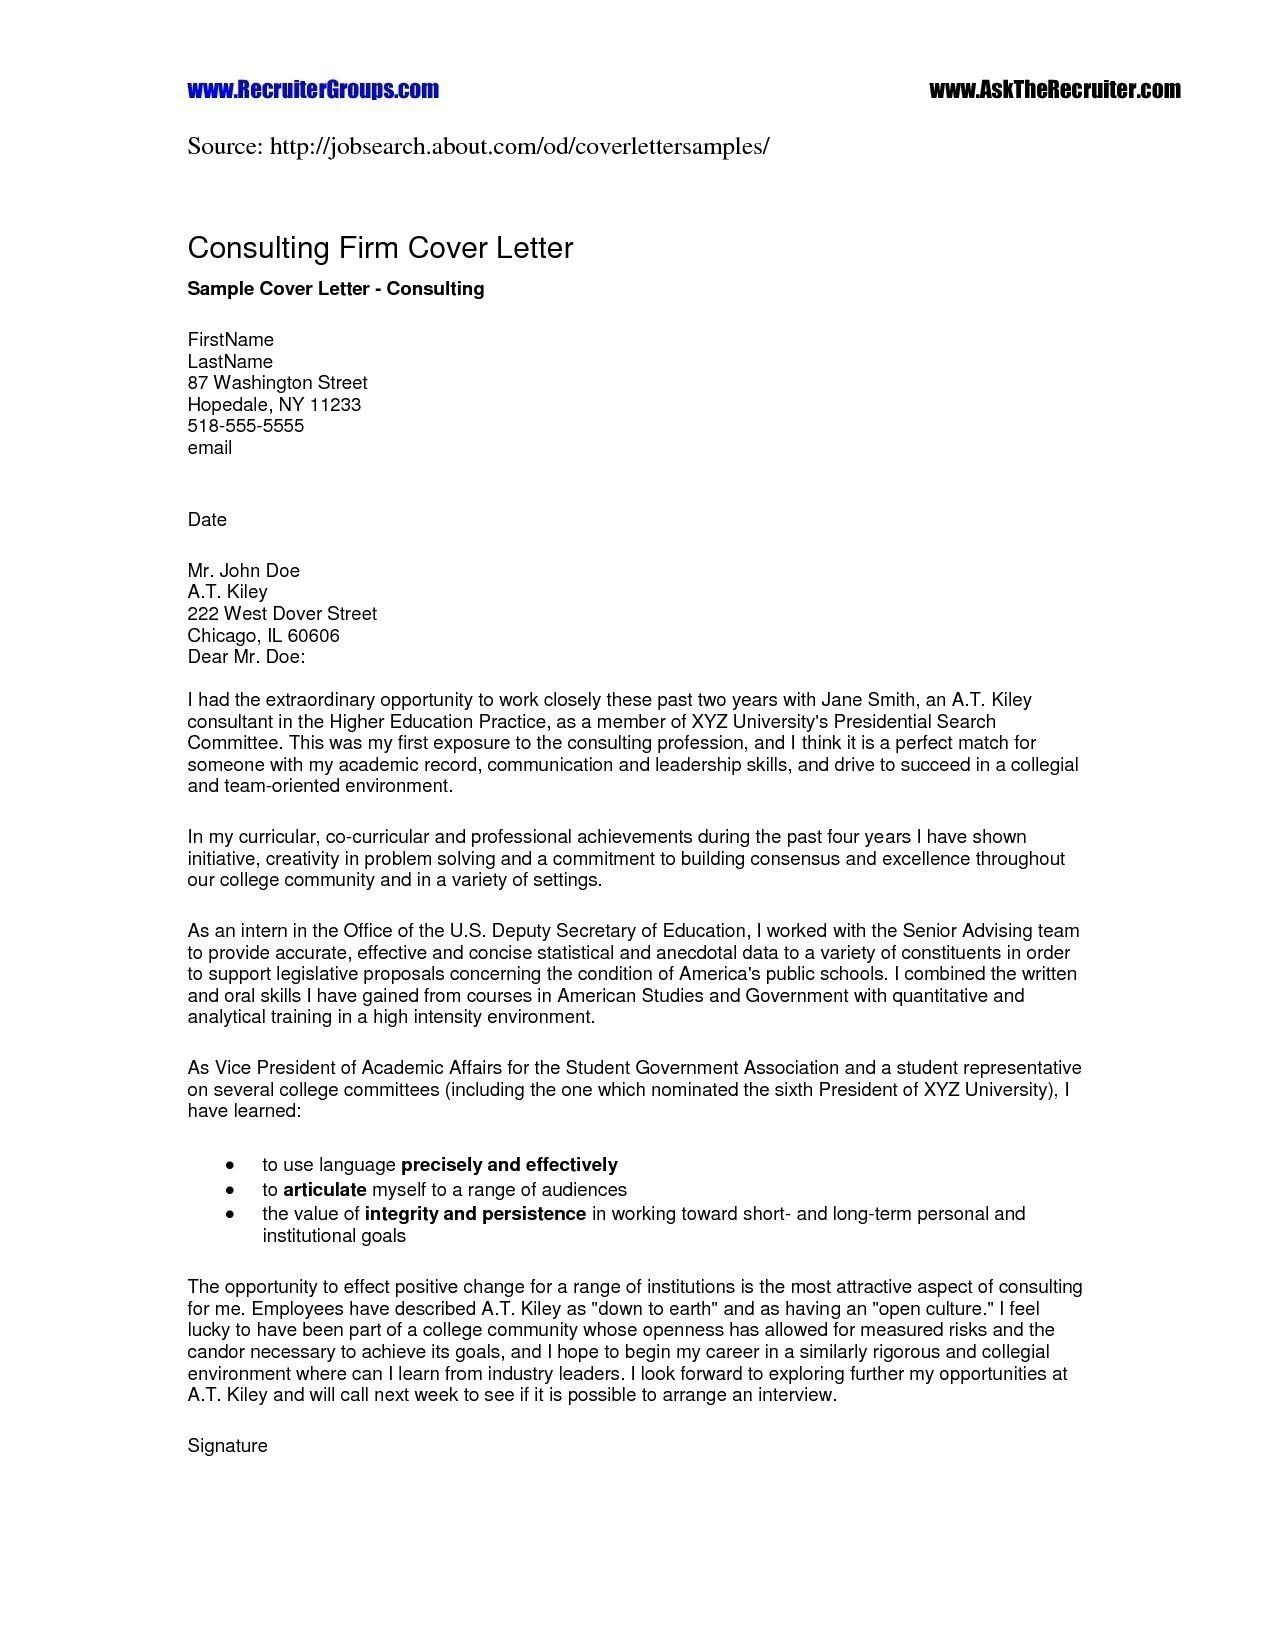 Offer Of Employment Letter Template Canada - How to Write Job Fer Letter Fresh Job Fer Letter Sample Best Job